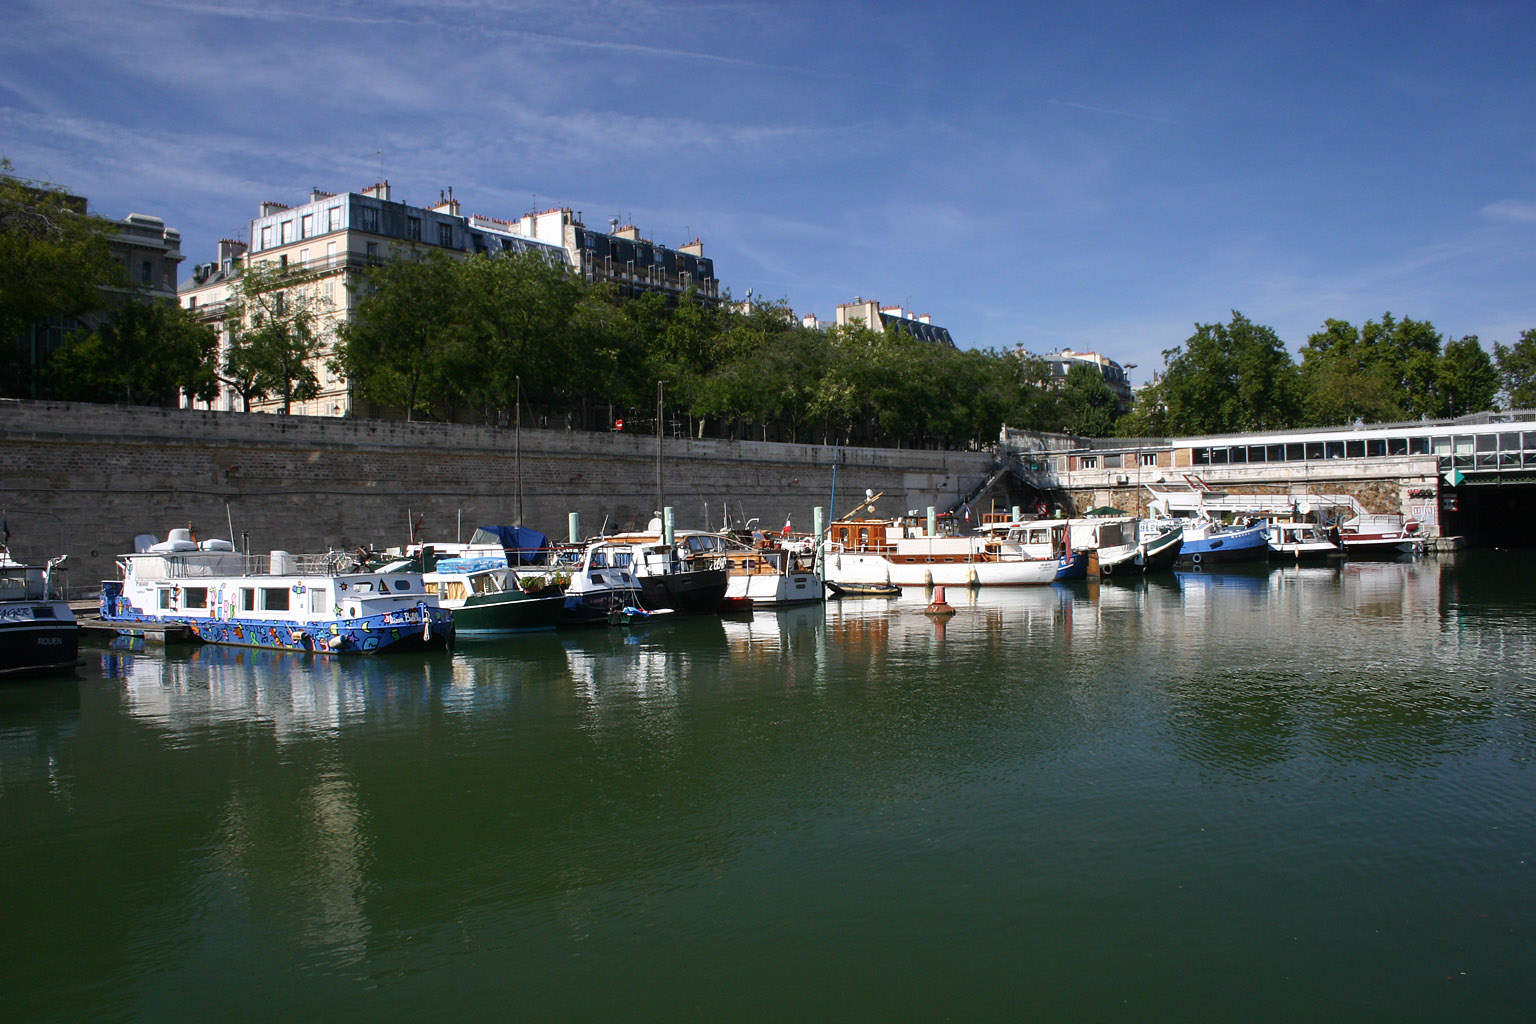 Dans le port de l 39 arsenal sur freemages - Port de l arsenal paris ...